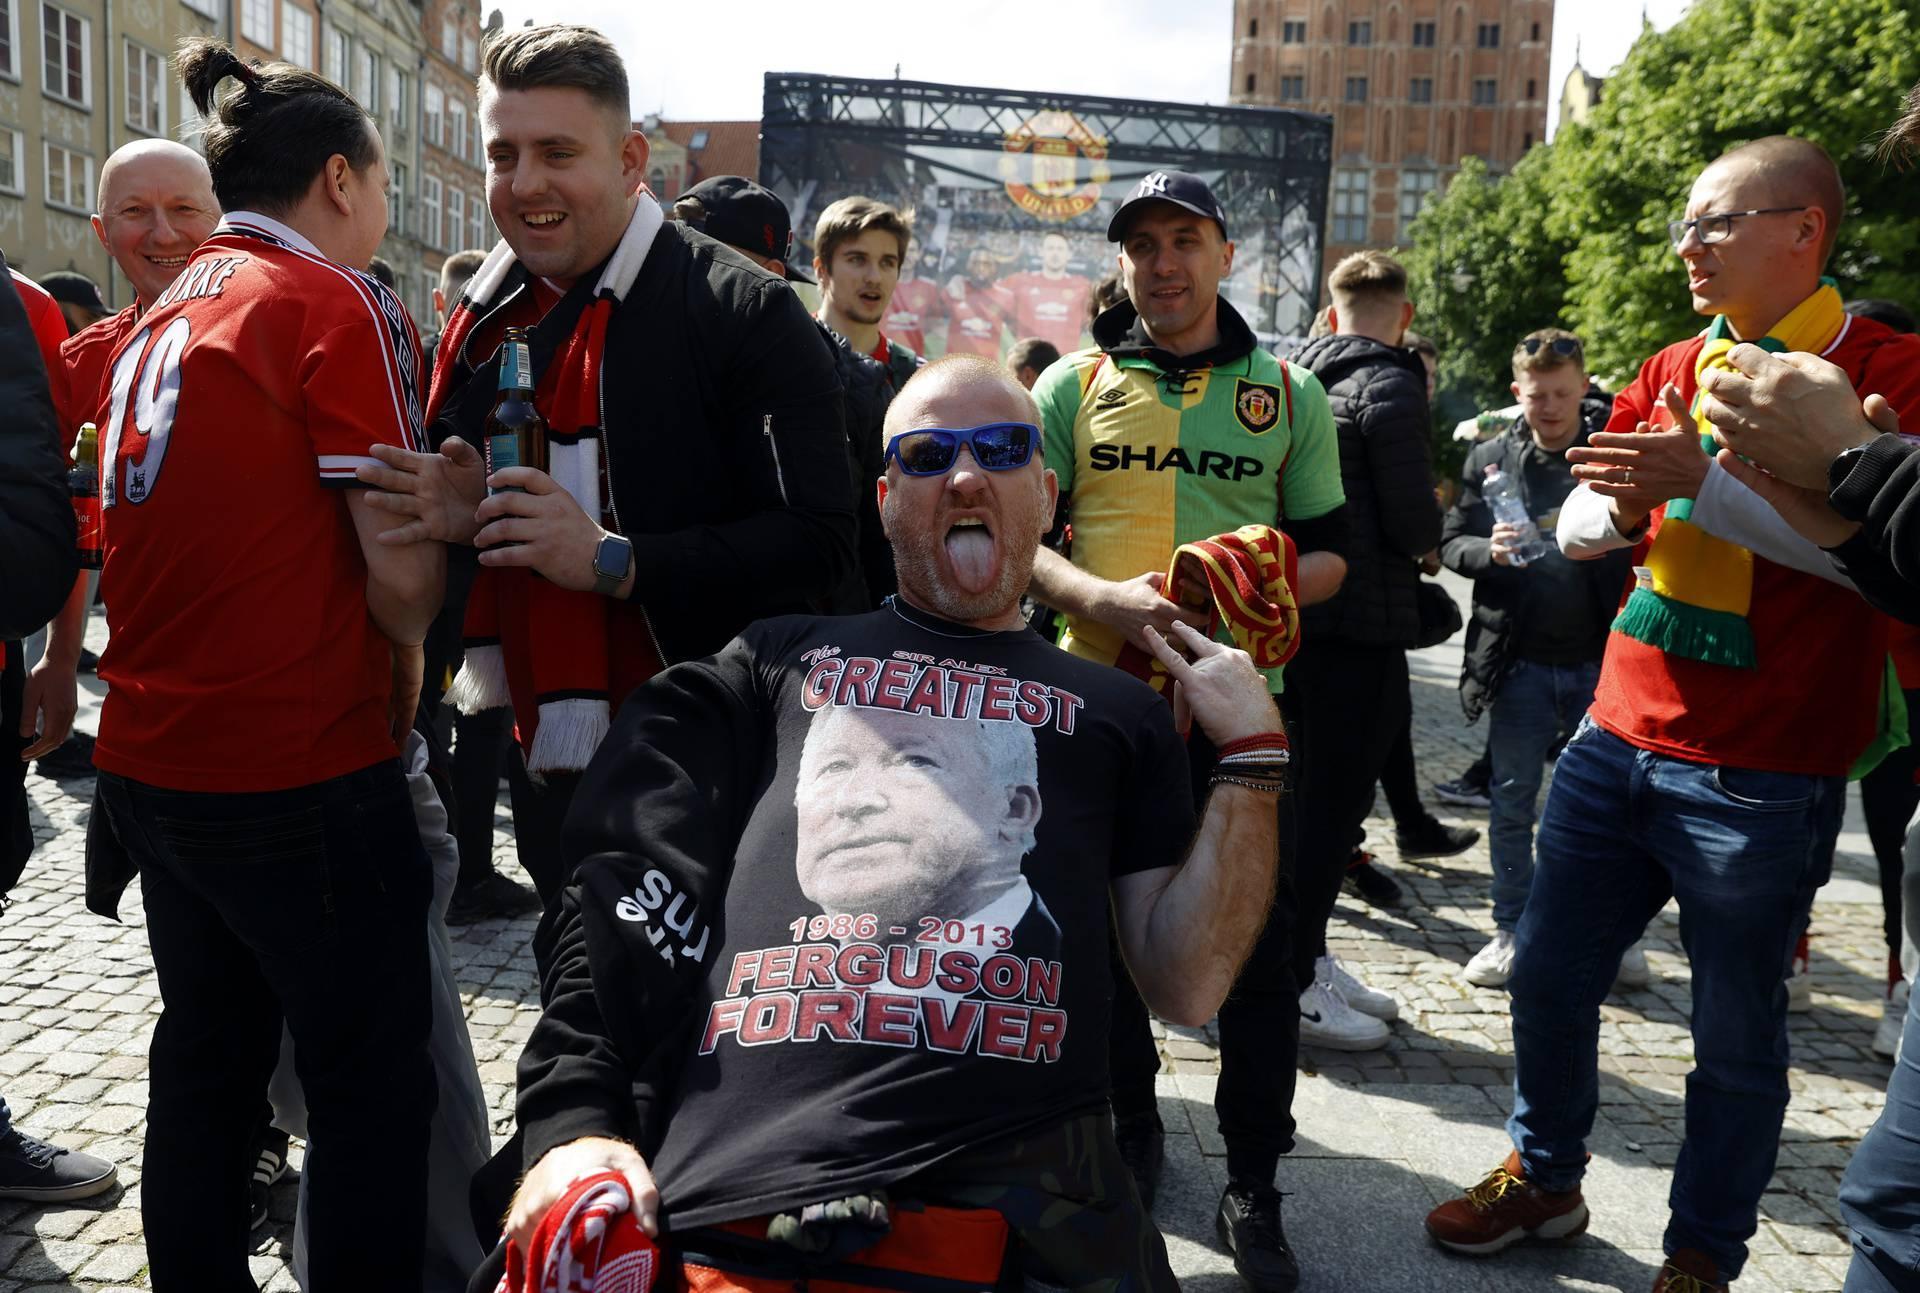 Europa League Final - Fans in Gdansk ahead of the Europa League final Villarreal v Manchester United